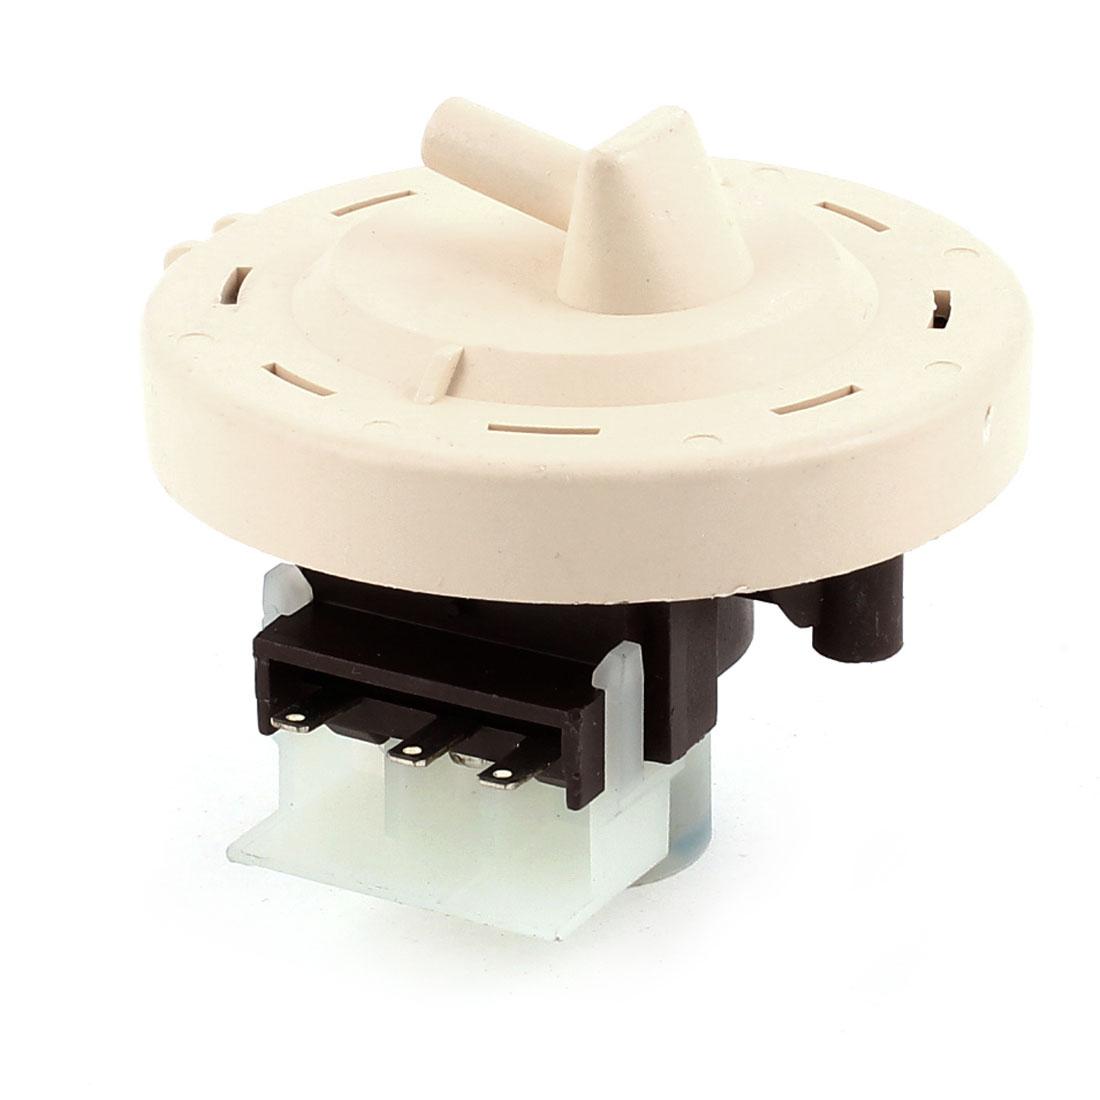 58mm Diameter 3 Terminals Water Level Switch Beige for Washing Machine